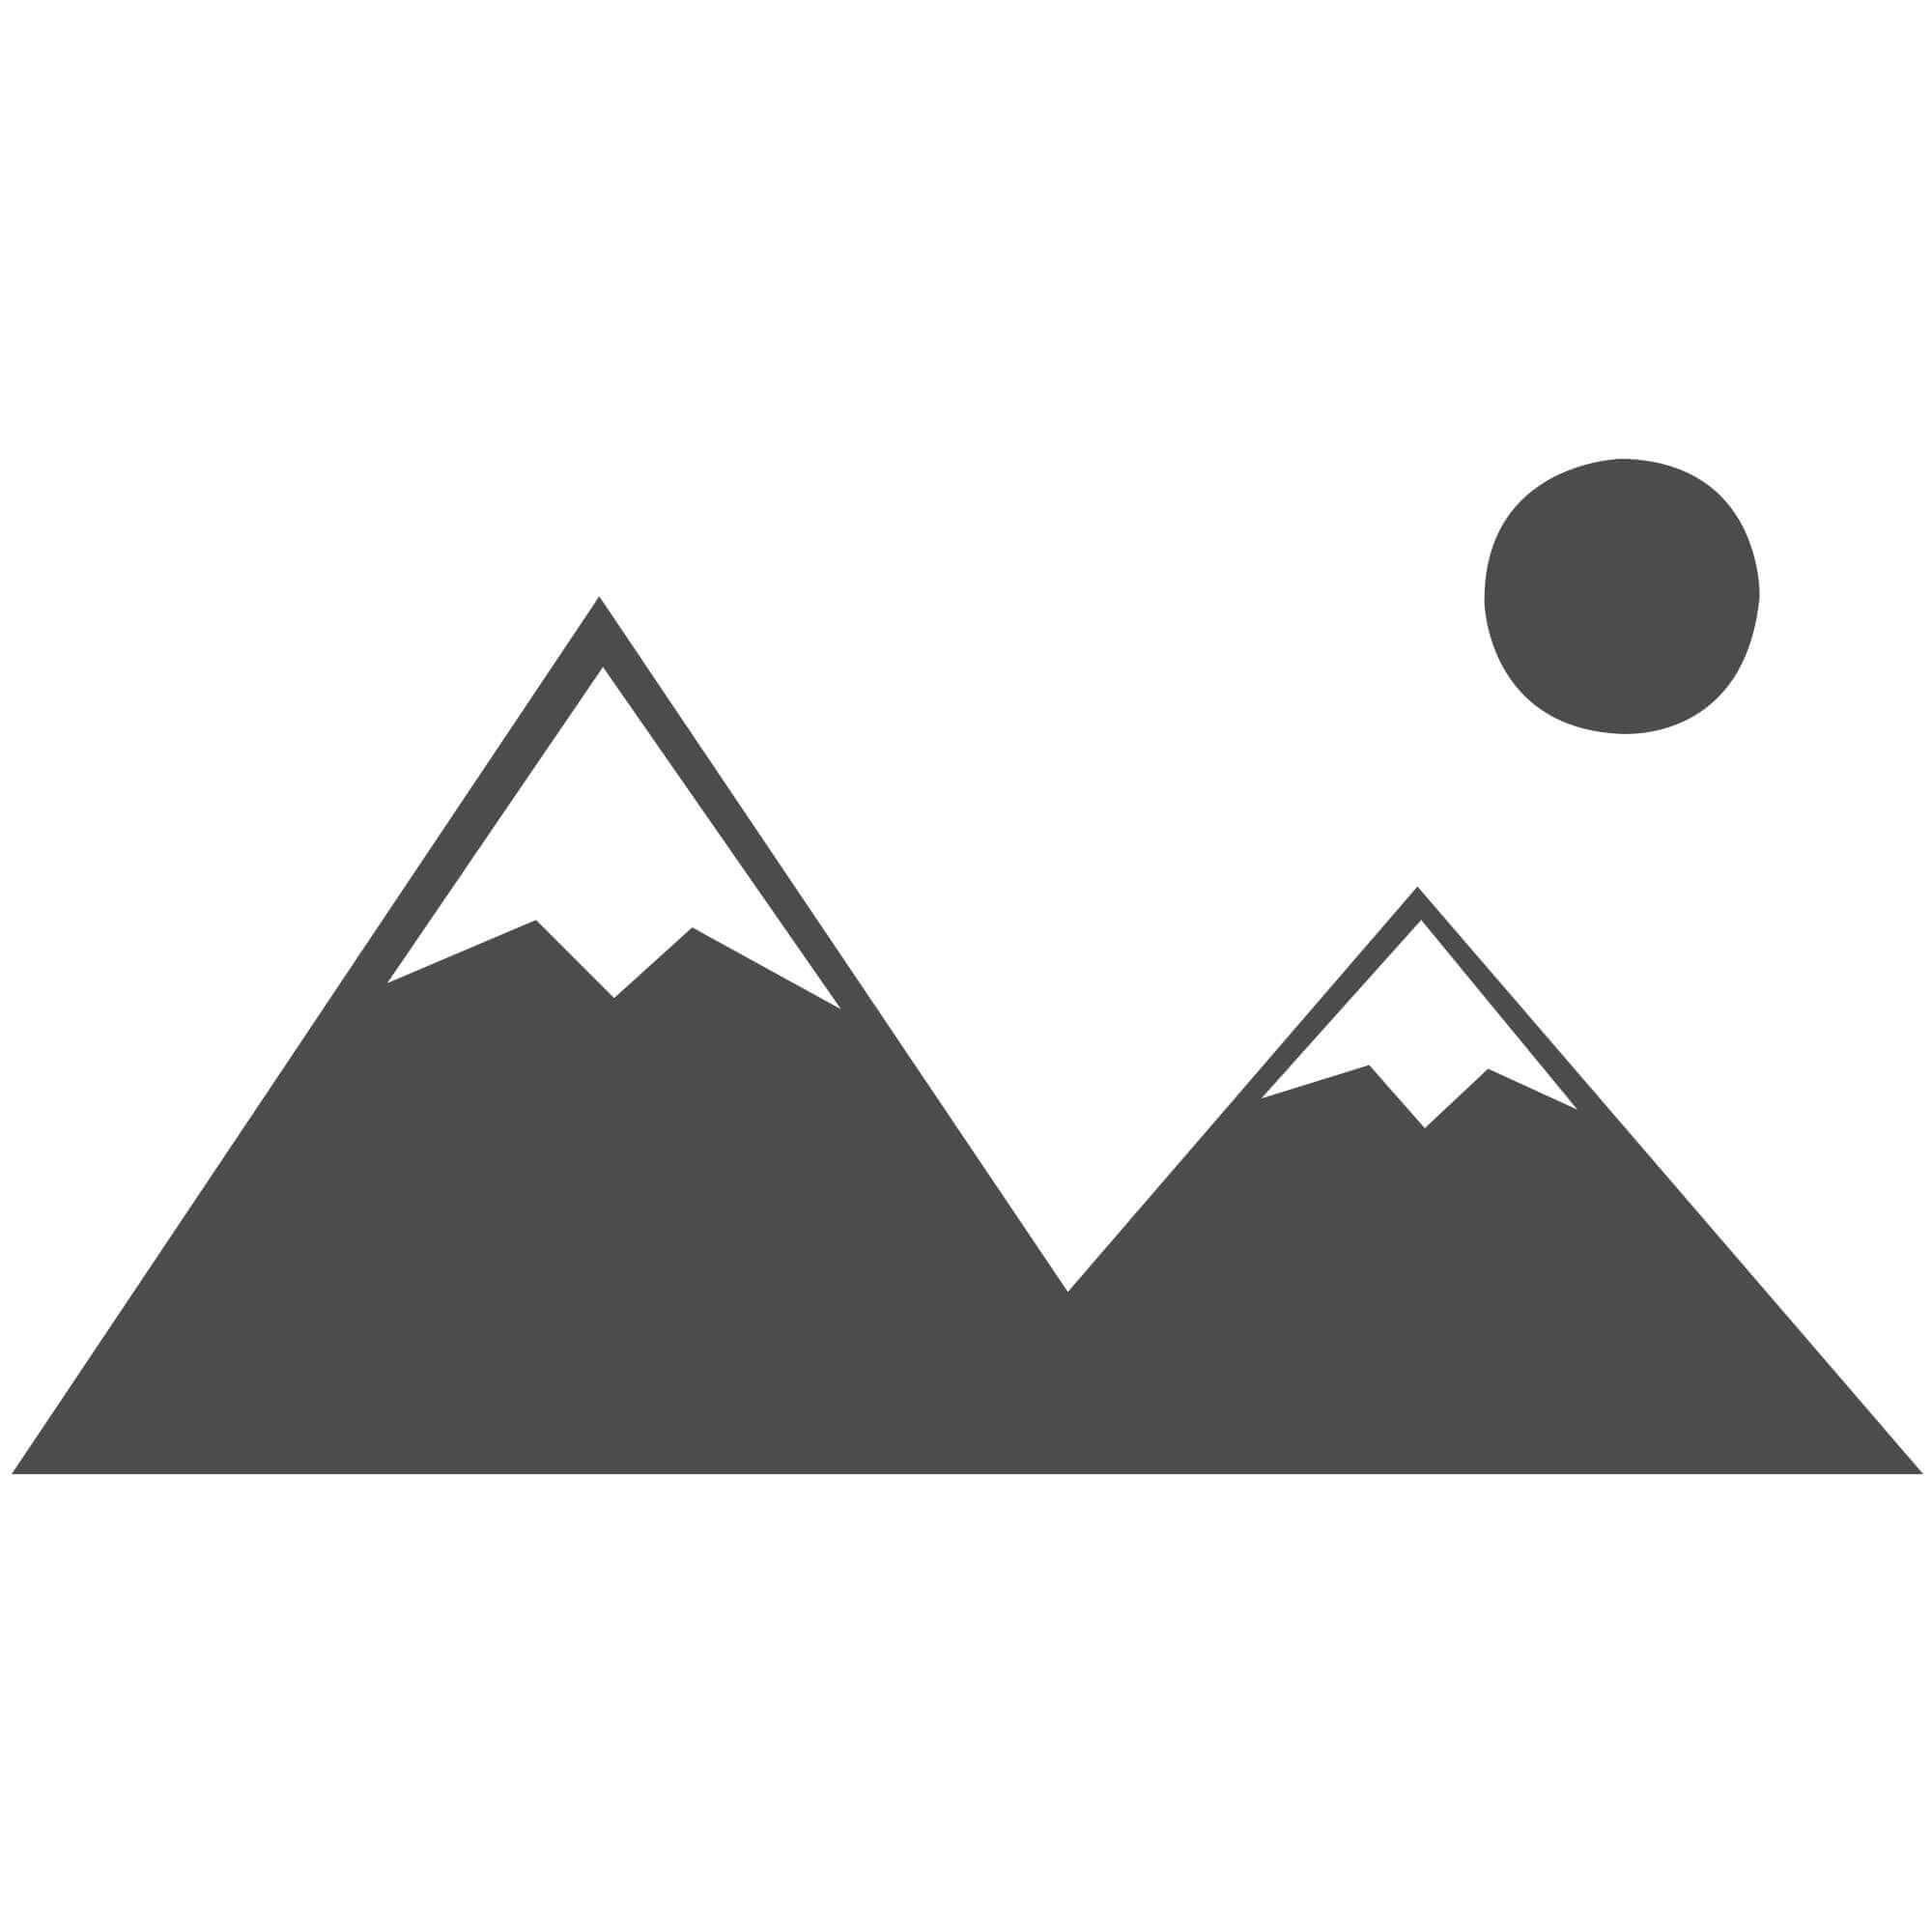 47oz Ball Peen Hammer (BH-61-547)